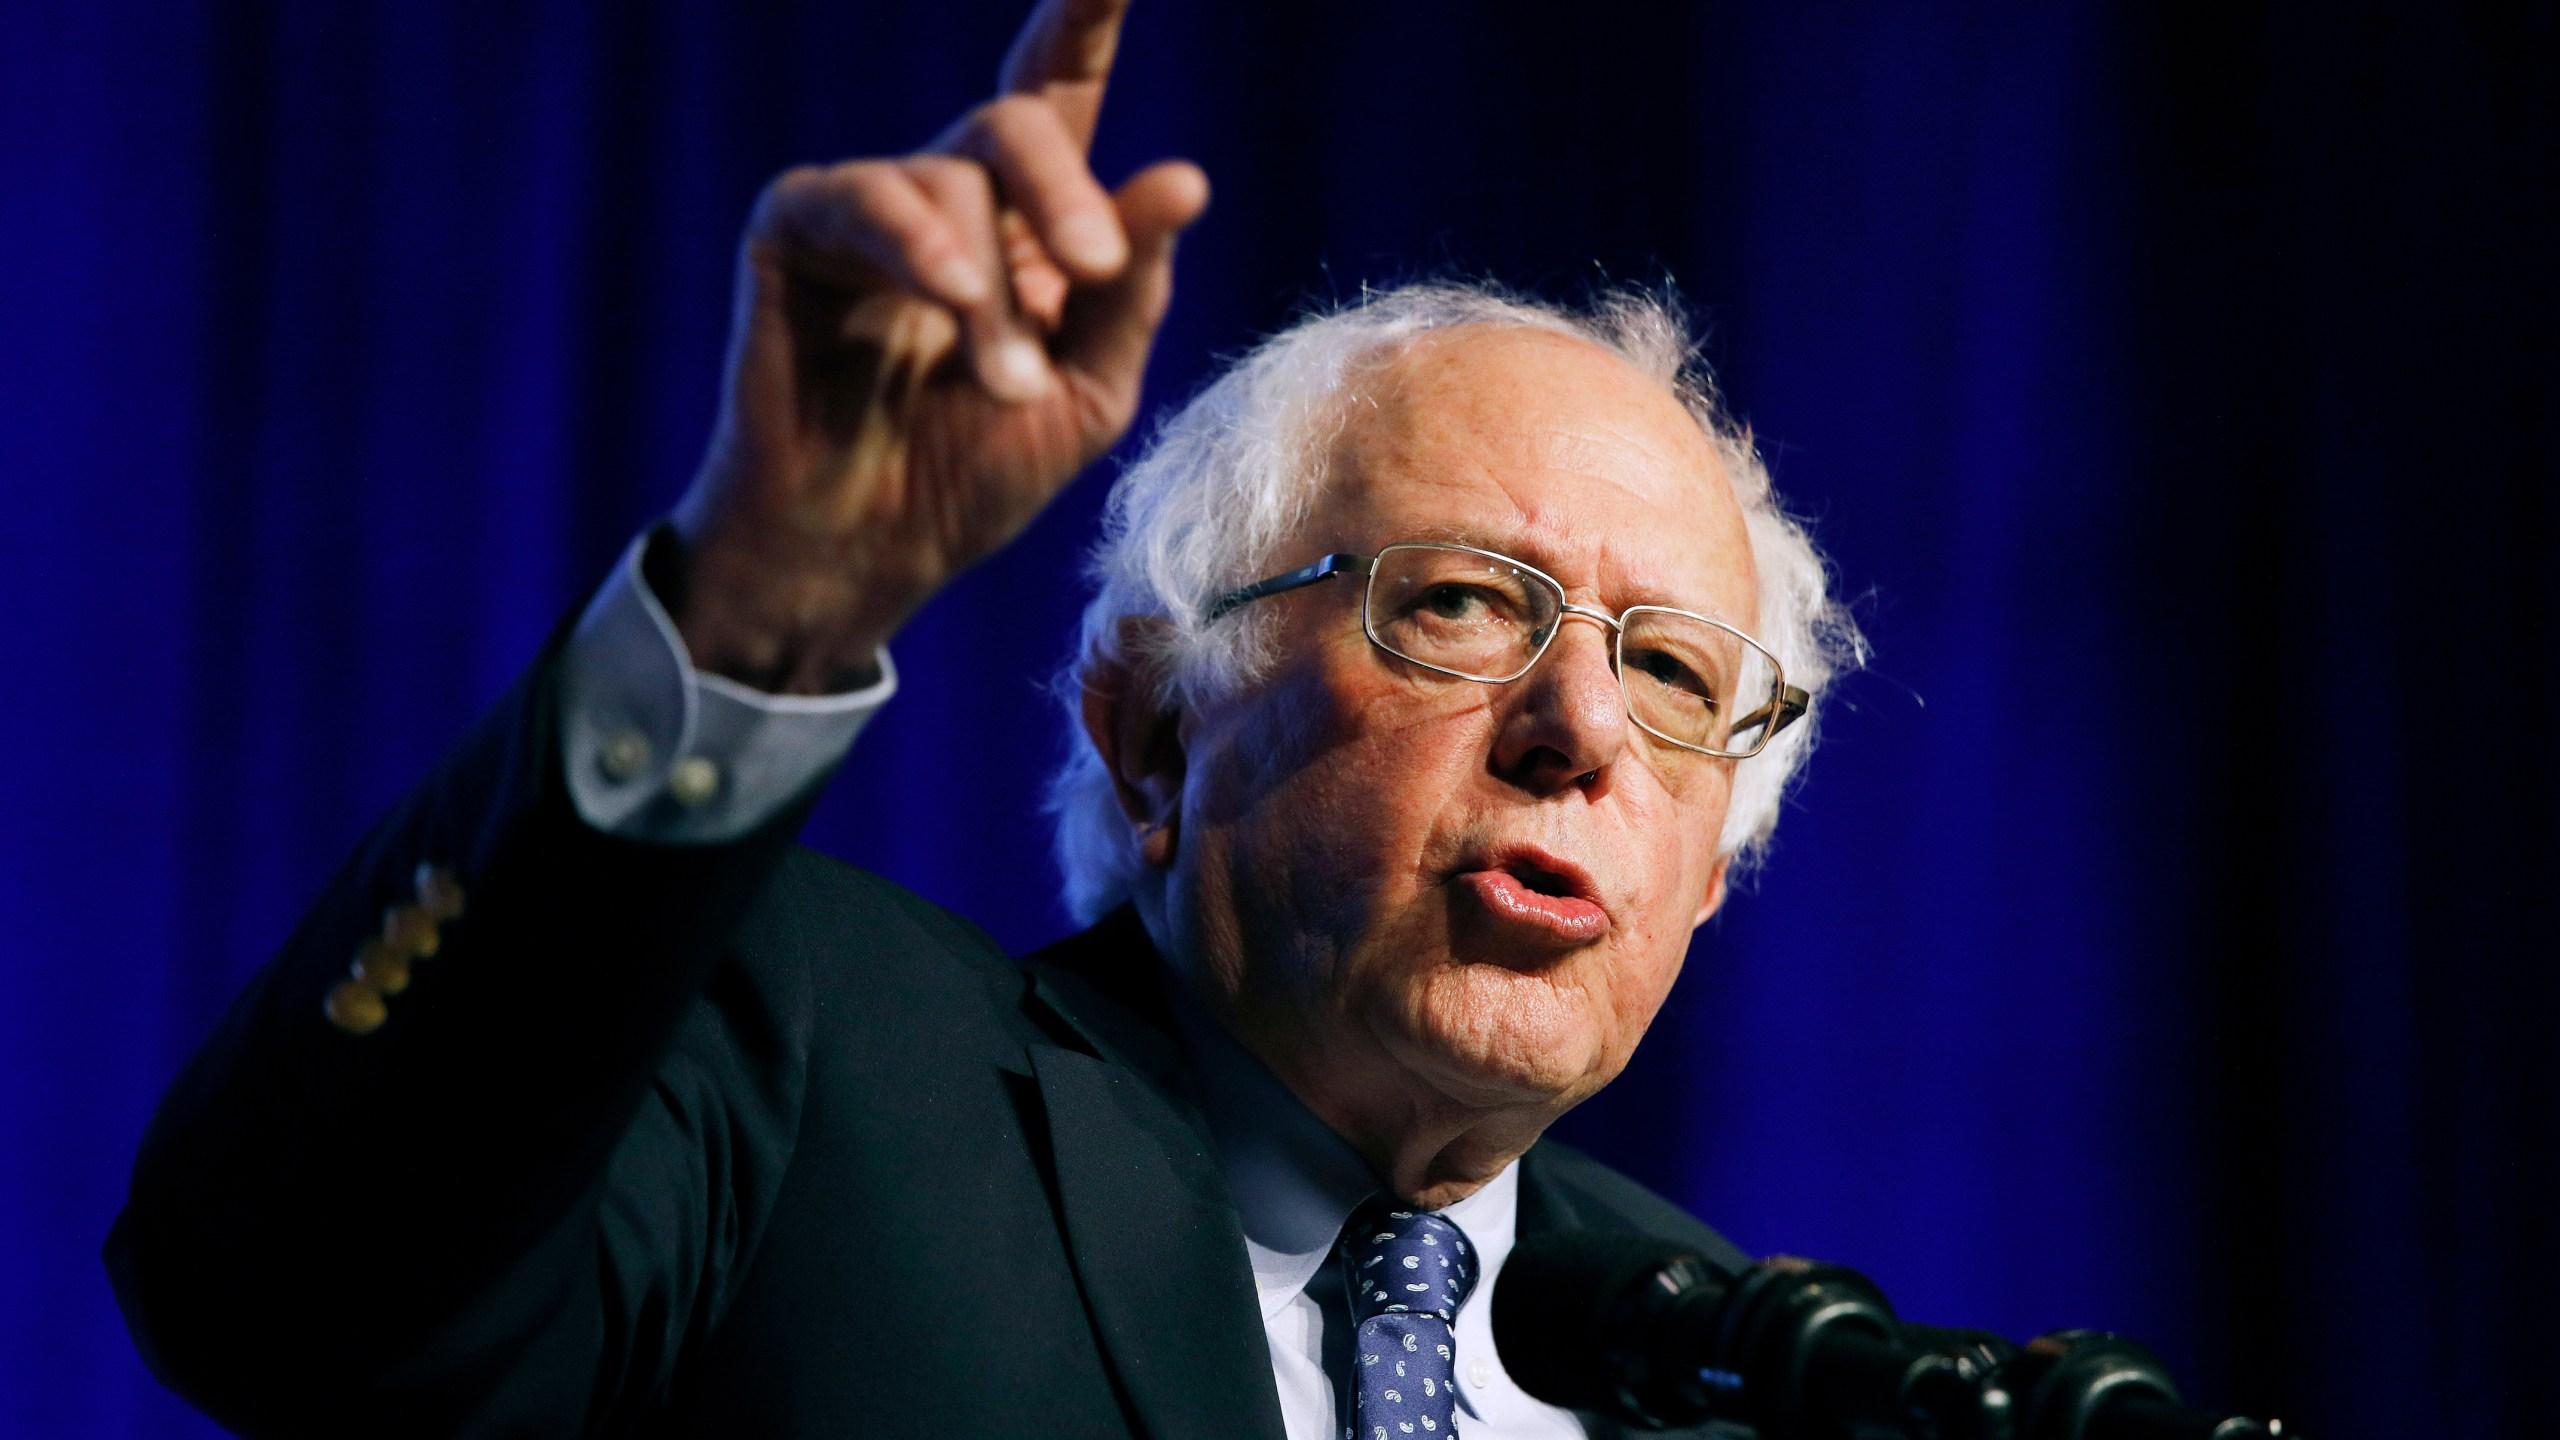 Election_2020_Bernie_Sanders_Midwest_04183-159532.jpg96644589